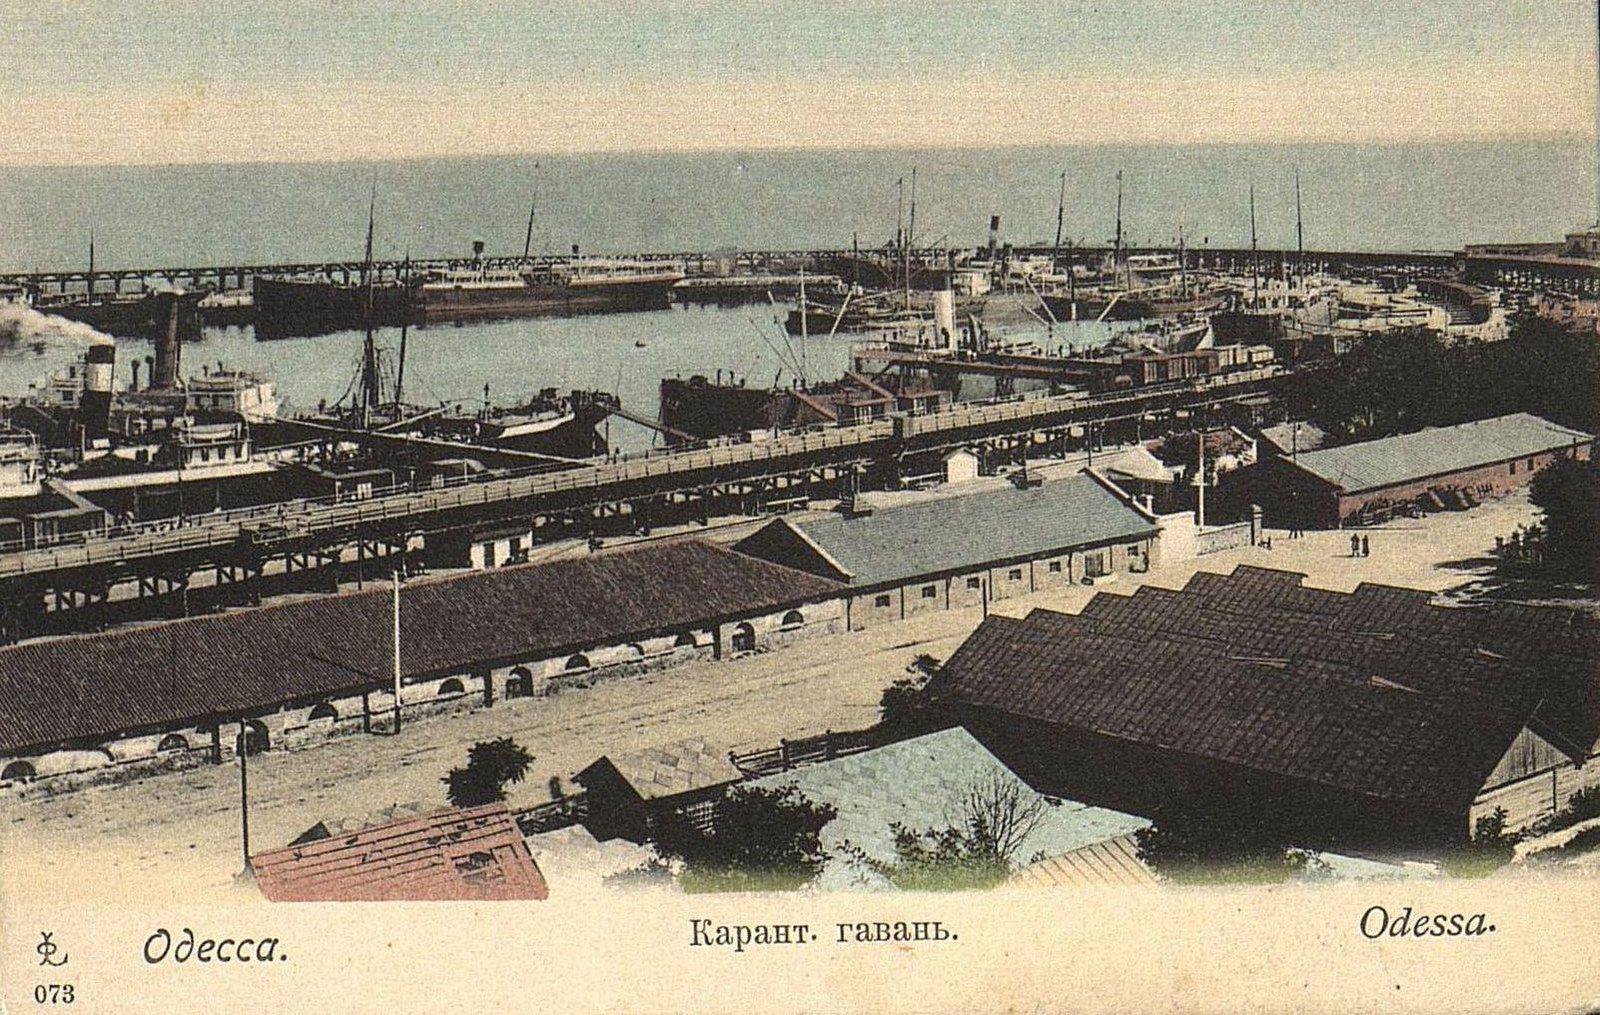 Каантинная гавань